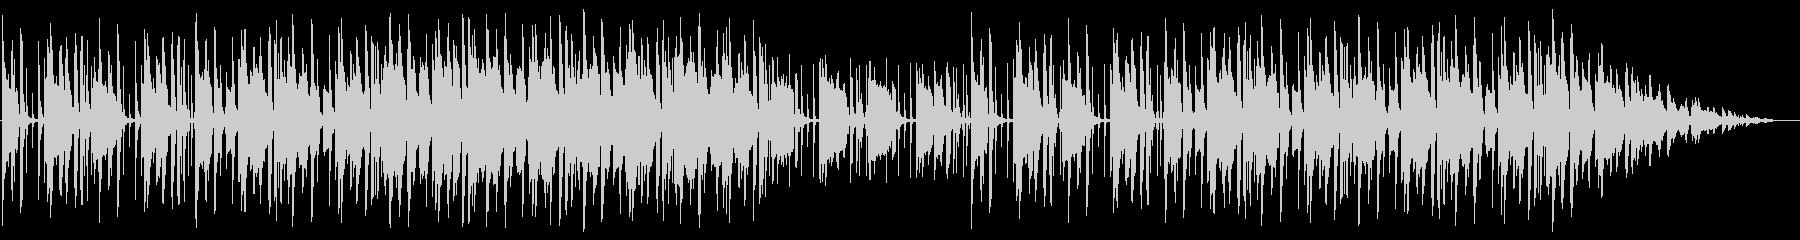 リラックス/R&B_No527の未再生の波形